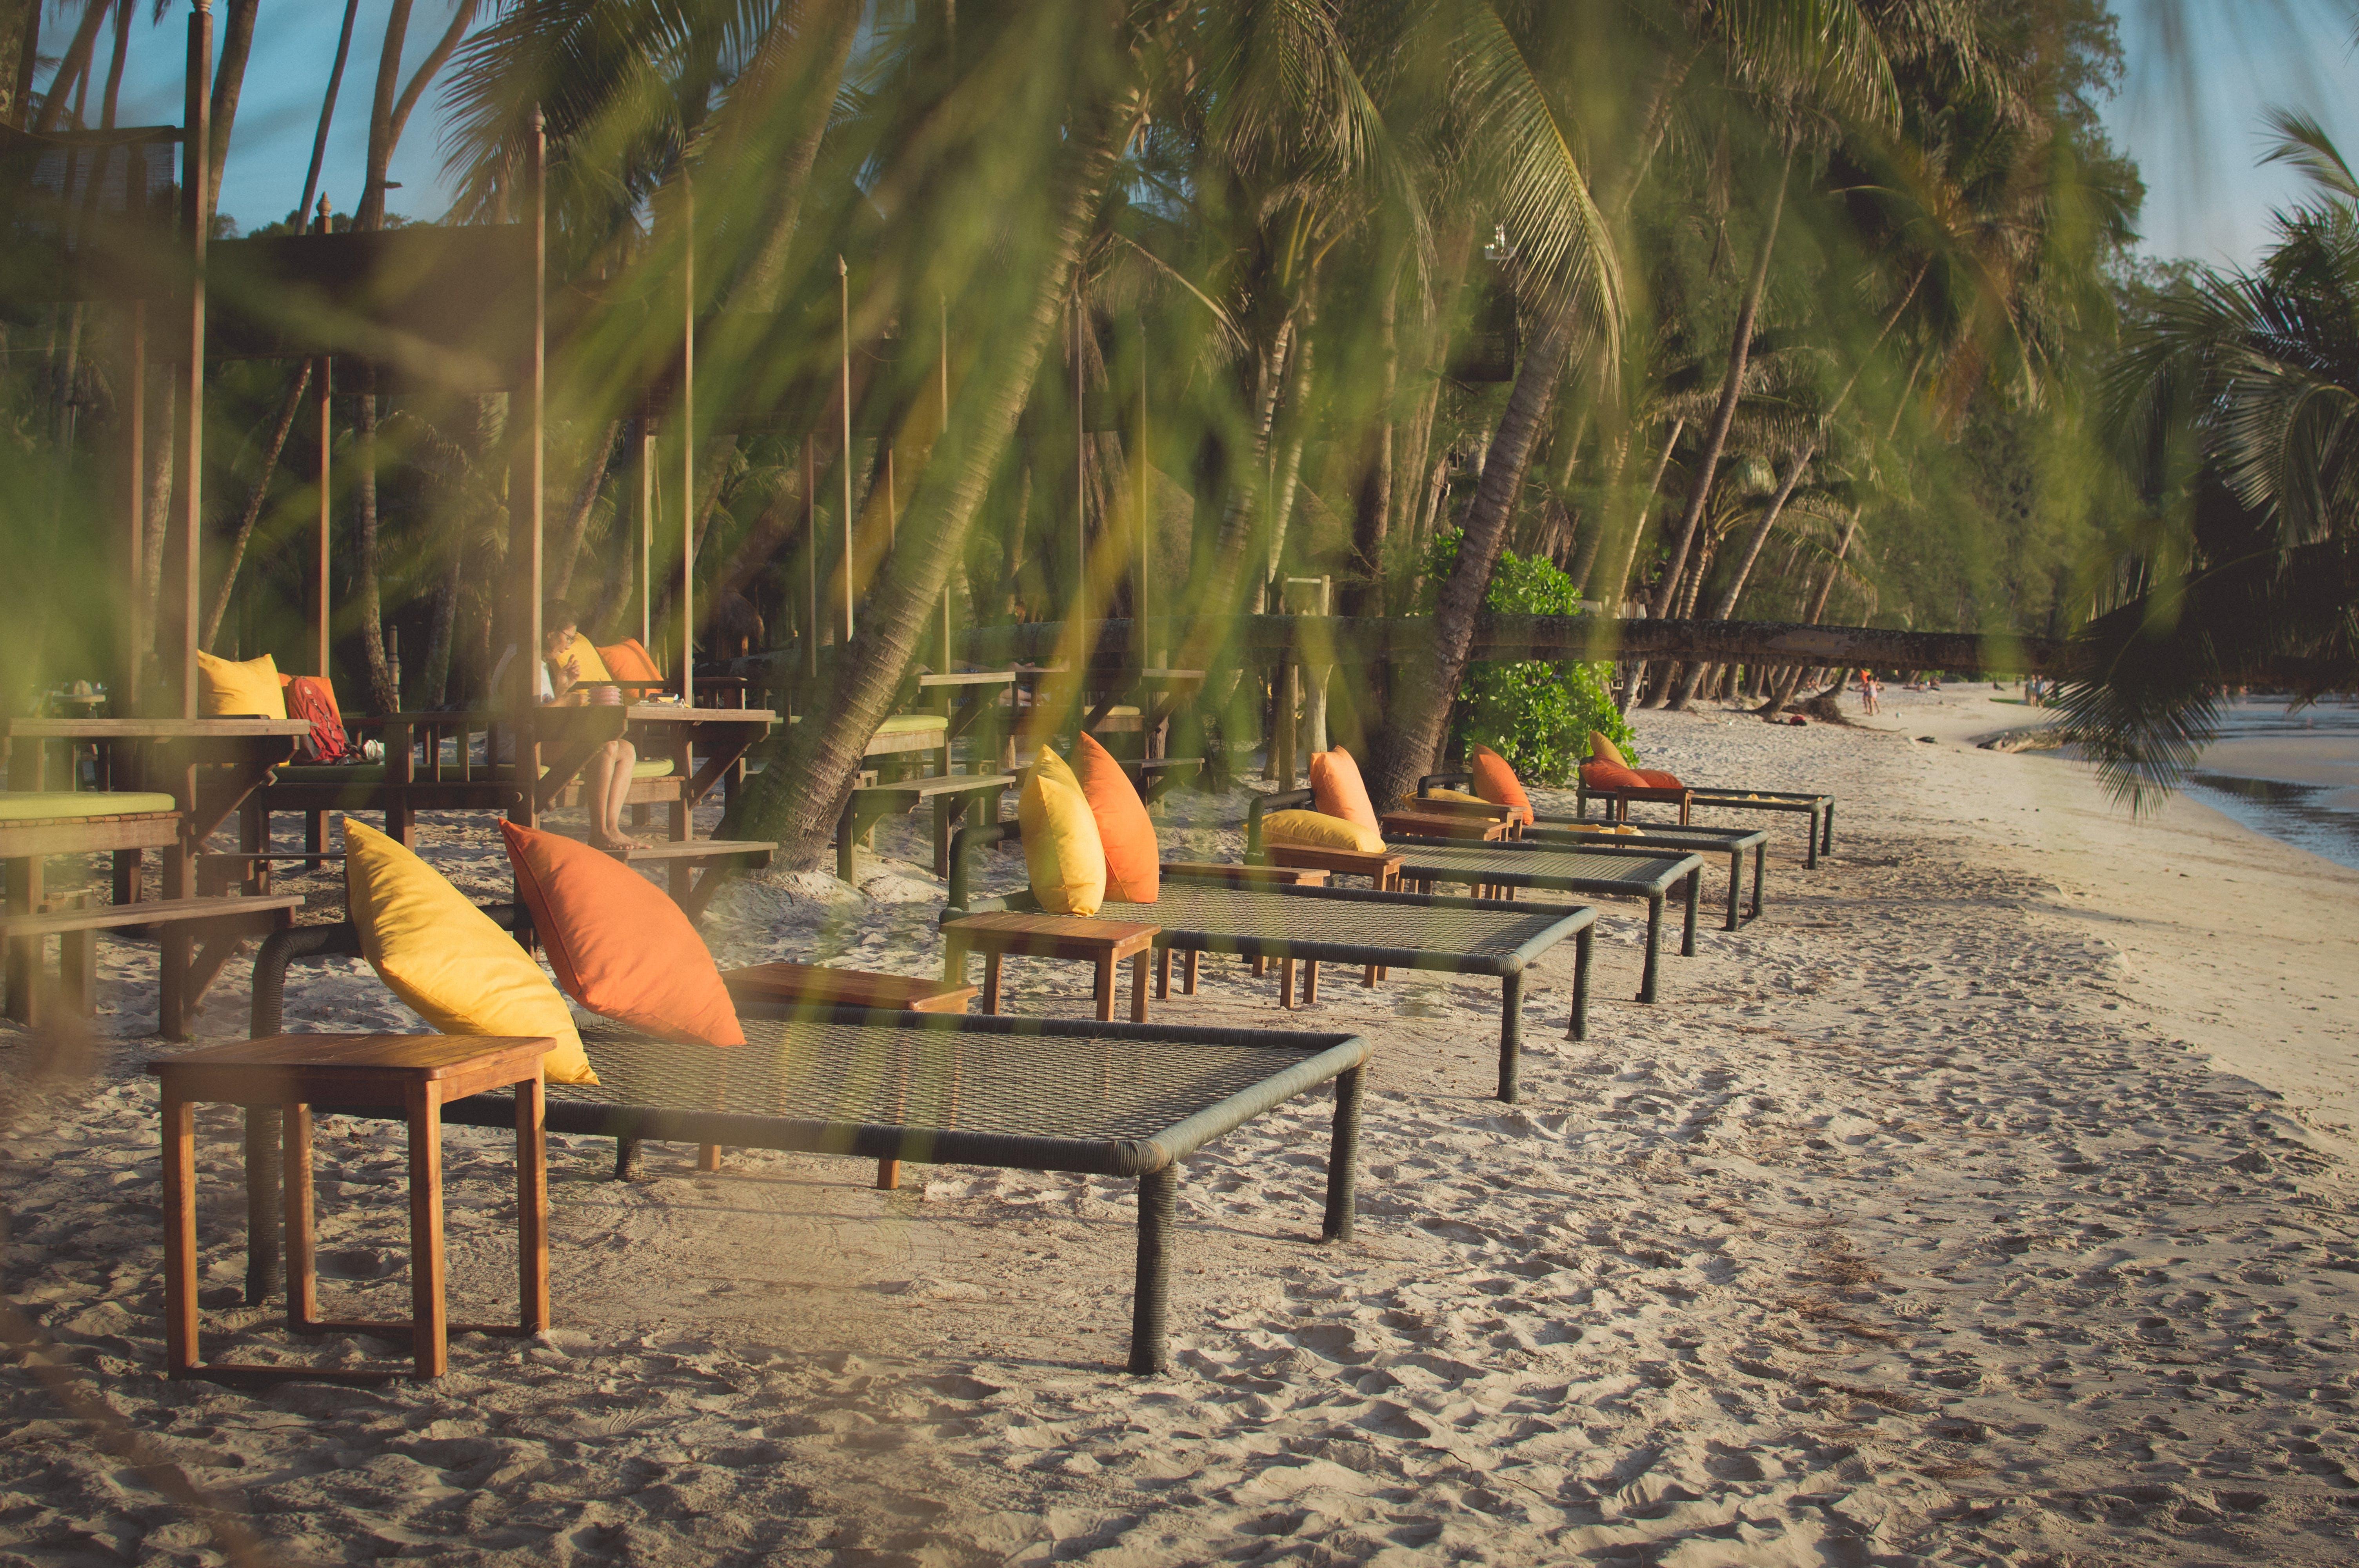 Kostenloses Stock Foto zu kokosnussbaum, meer, sonnenuntergang, strand